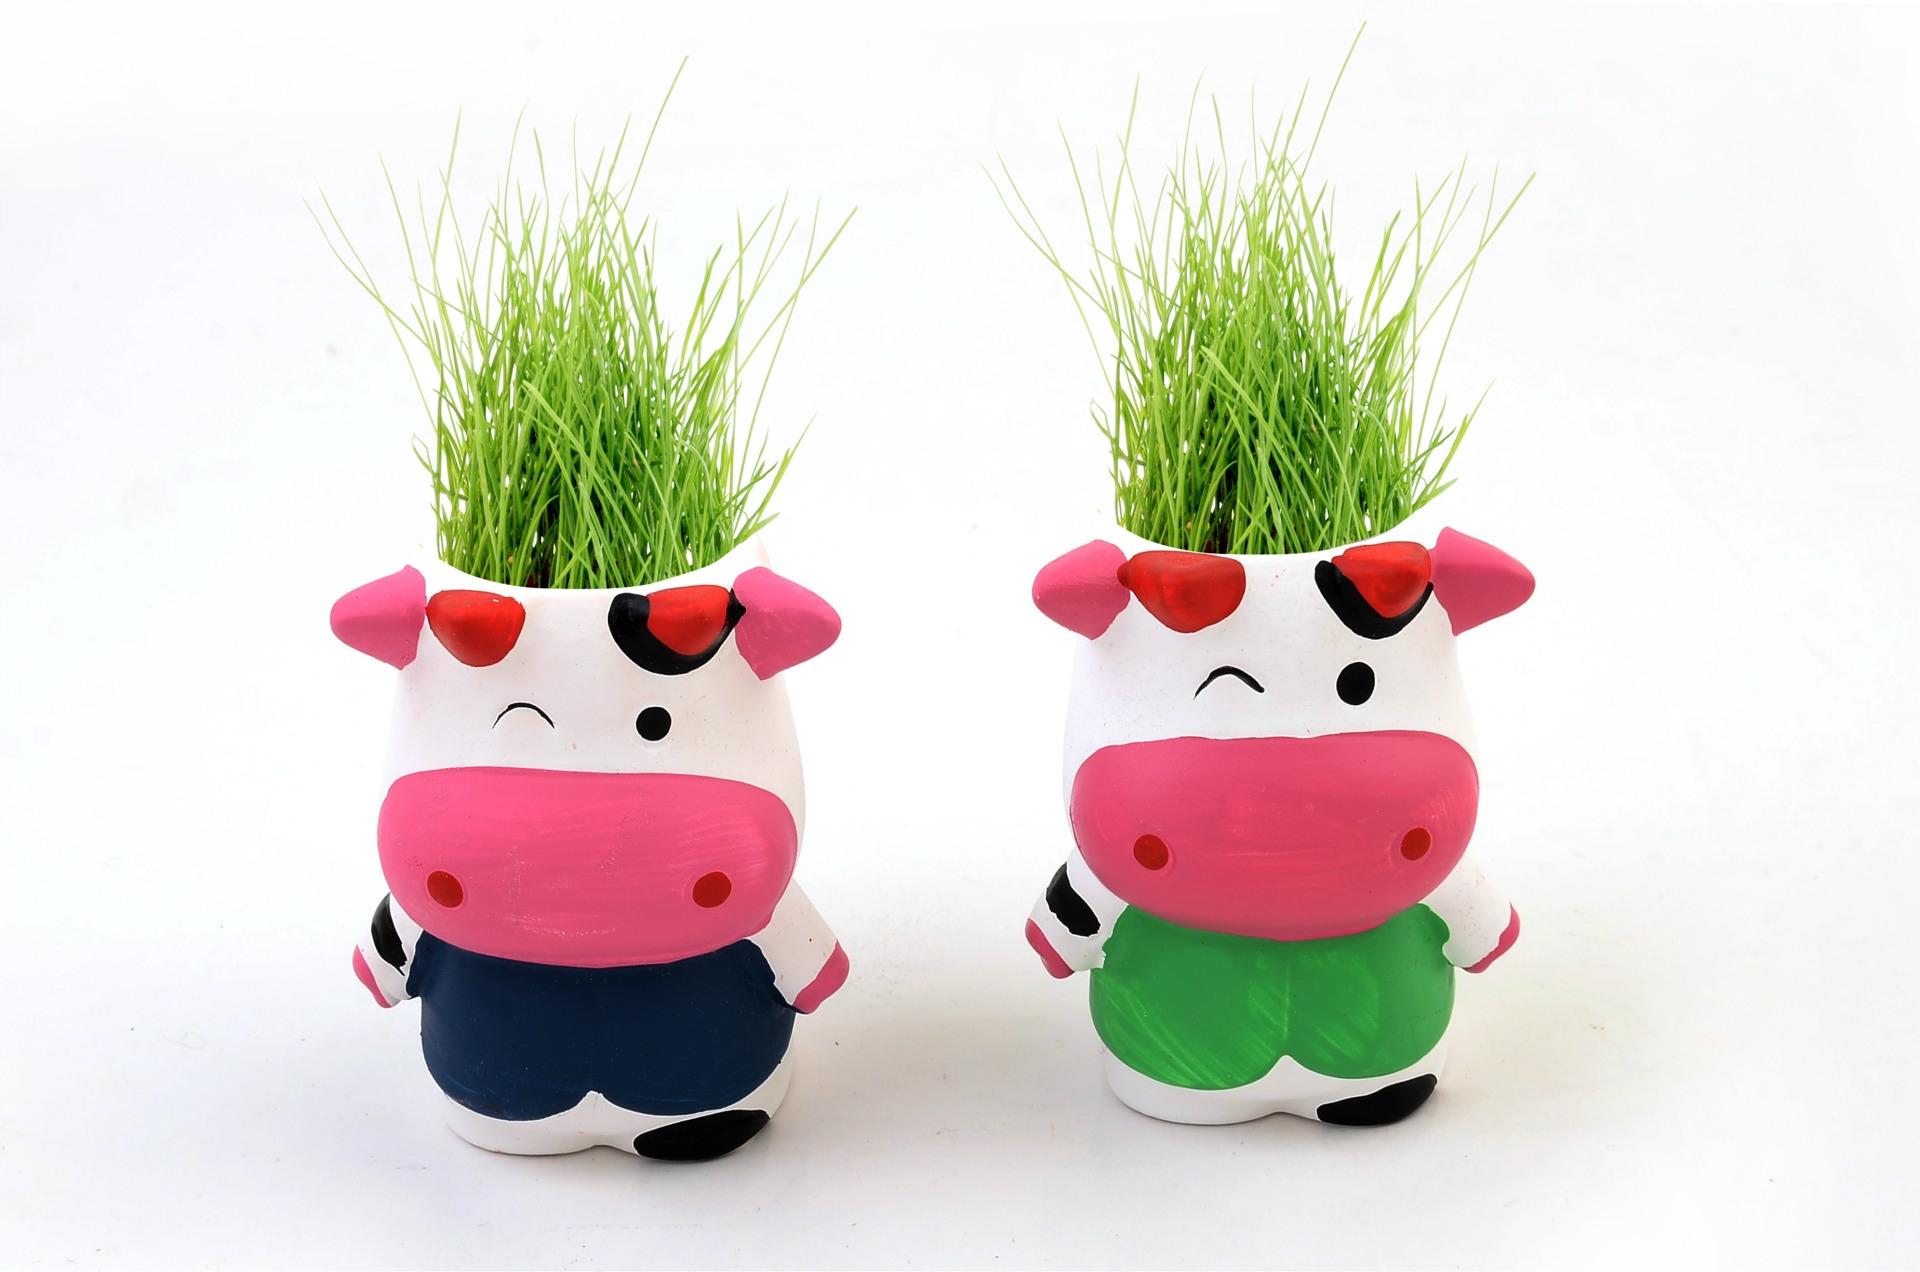 迷你盆栽 迷你植物 桌面盆栽 陶瓷娃娃牛